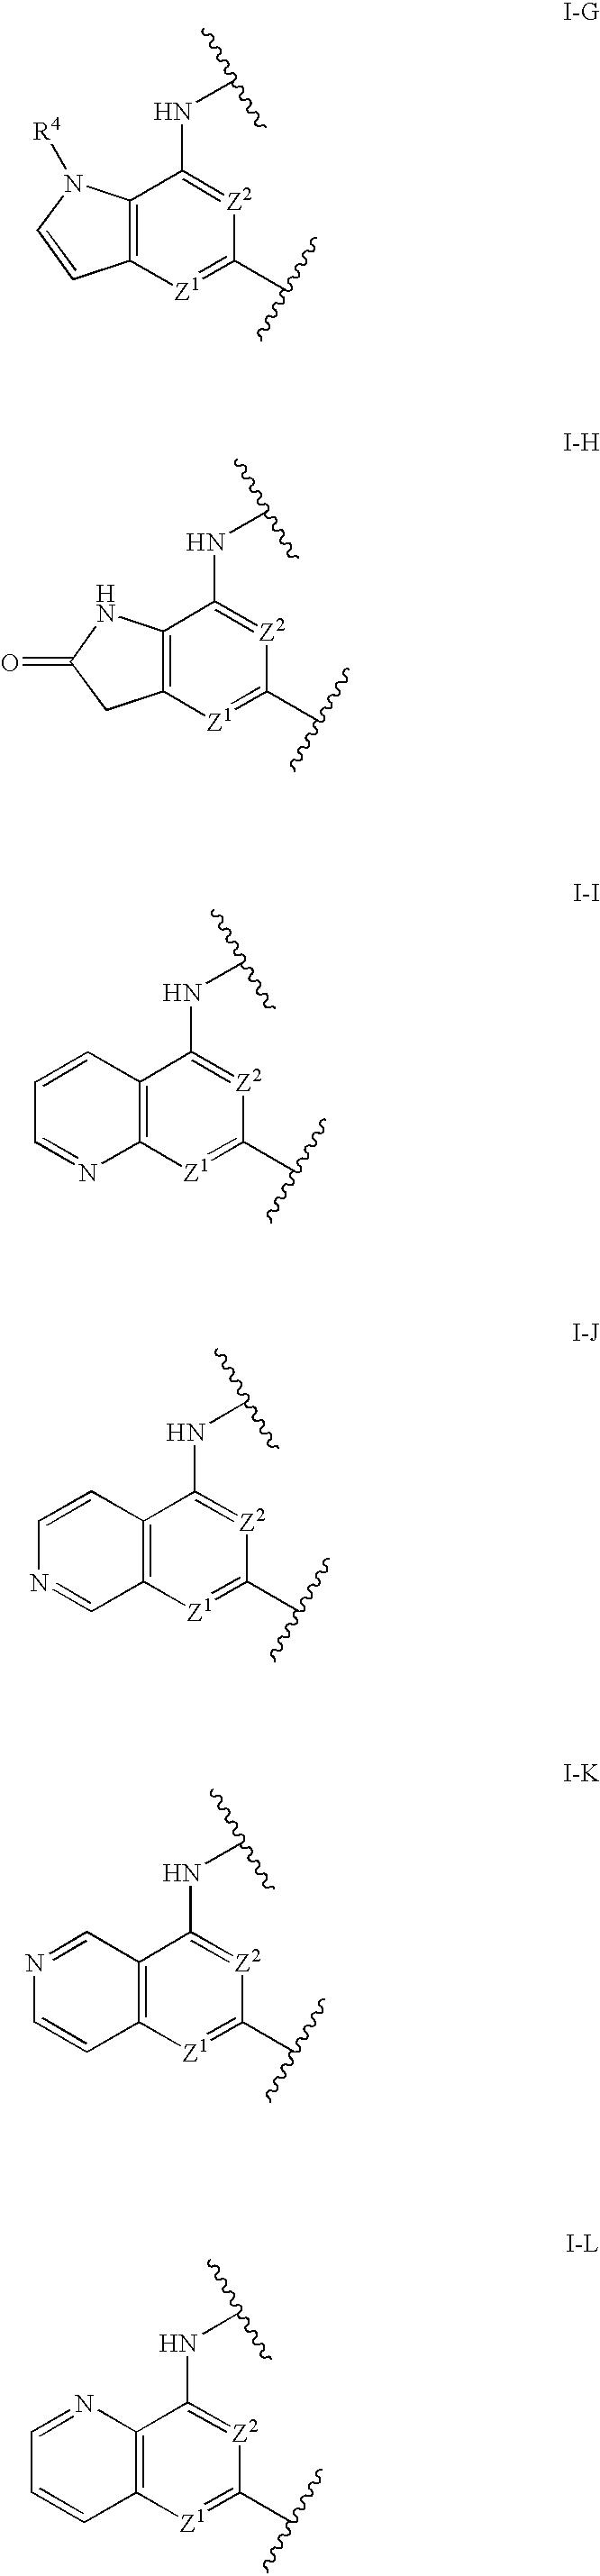 Figure US07531536-20090512-C00005